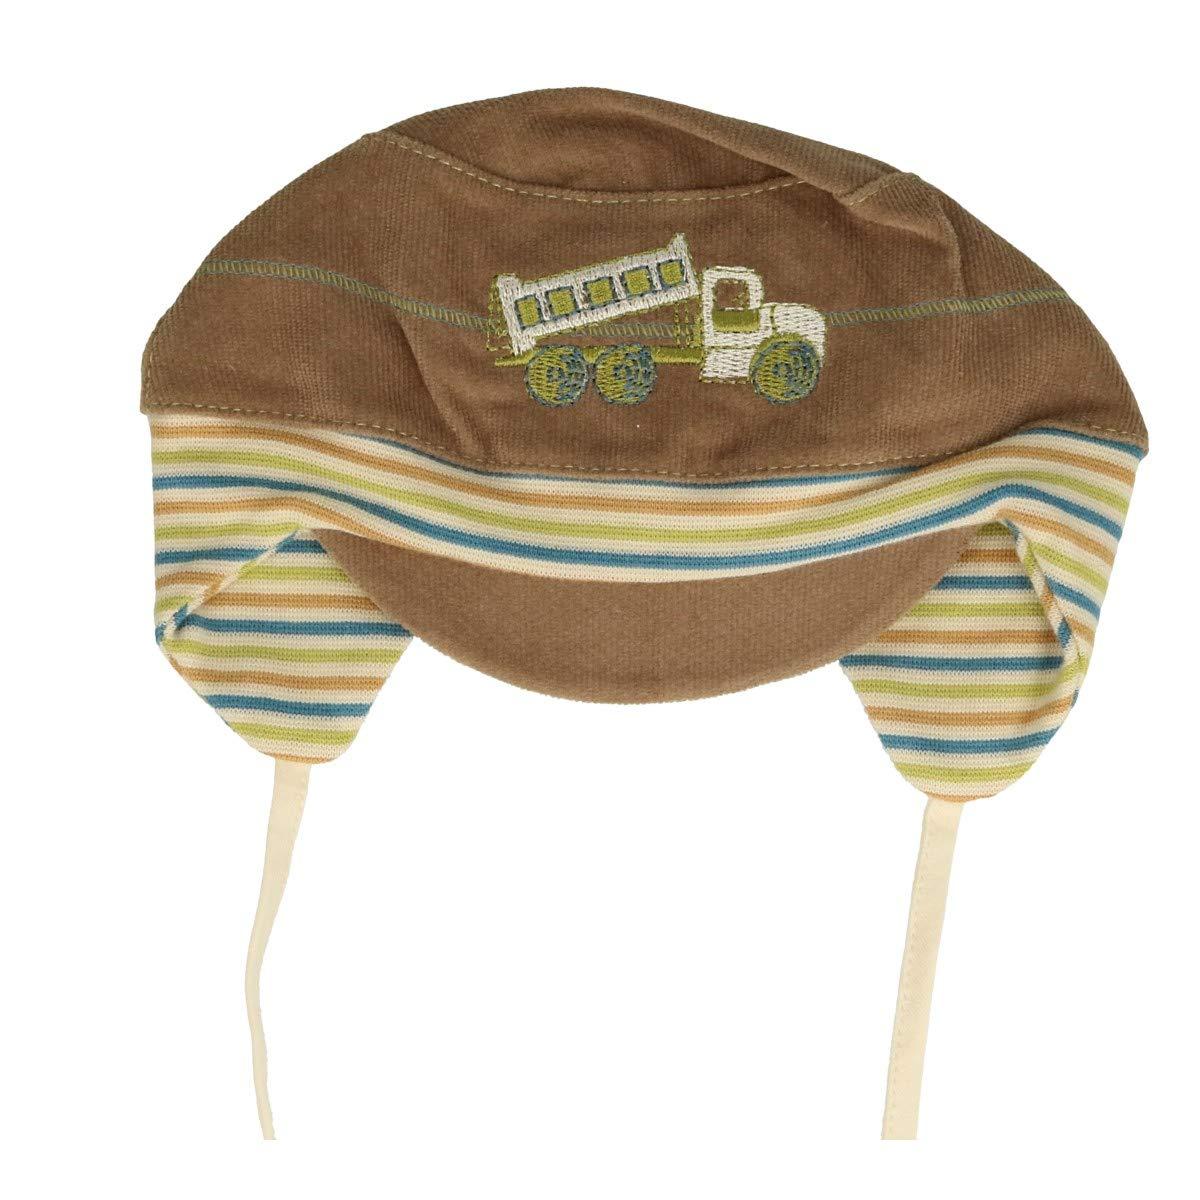 New Baby Boy Cotton Rich Hat Boys Spring Autumn Cap Hat 0-18 Months 3-6 Months 42cm, Dino White Blue